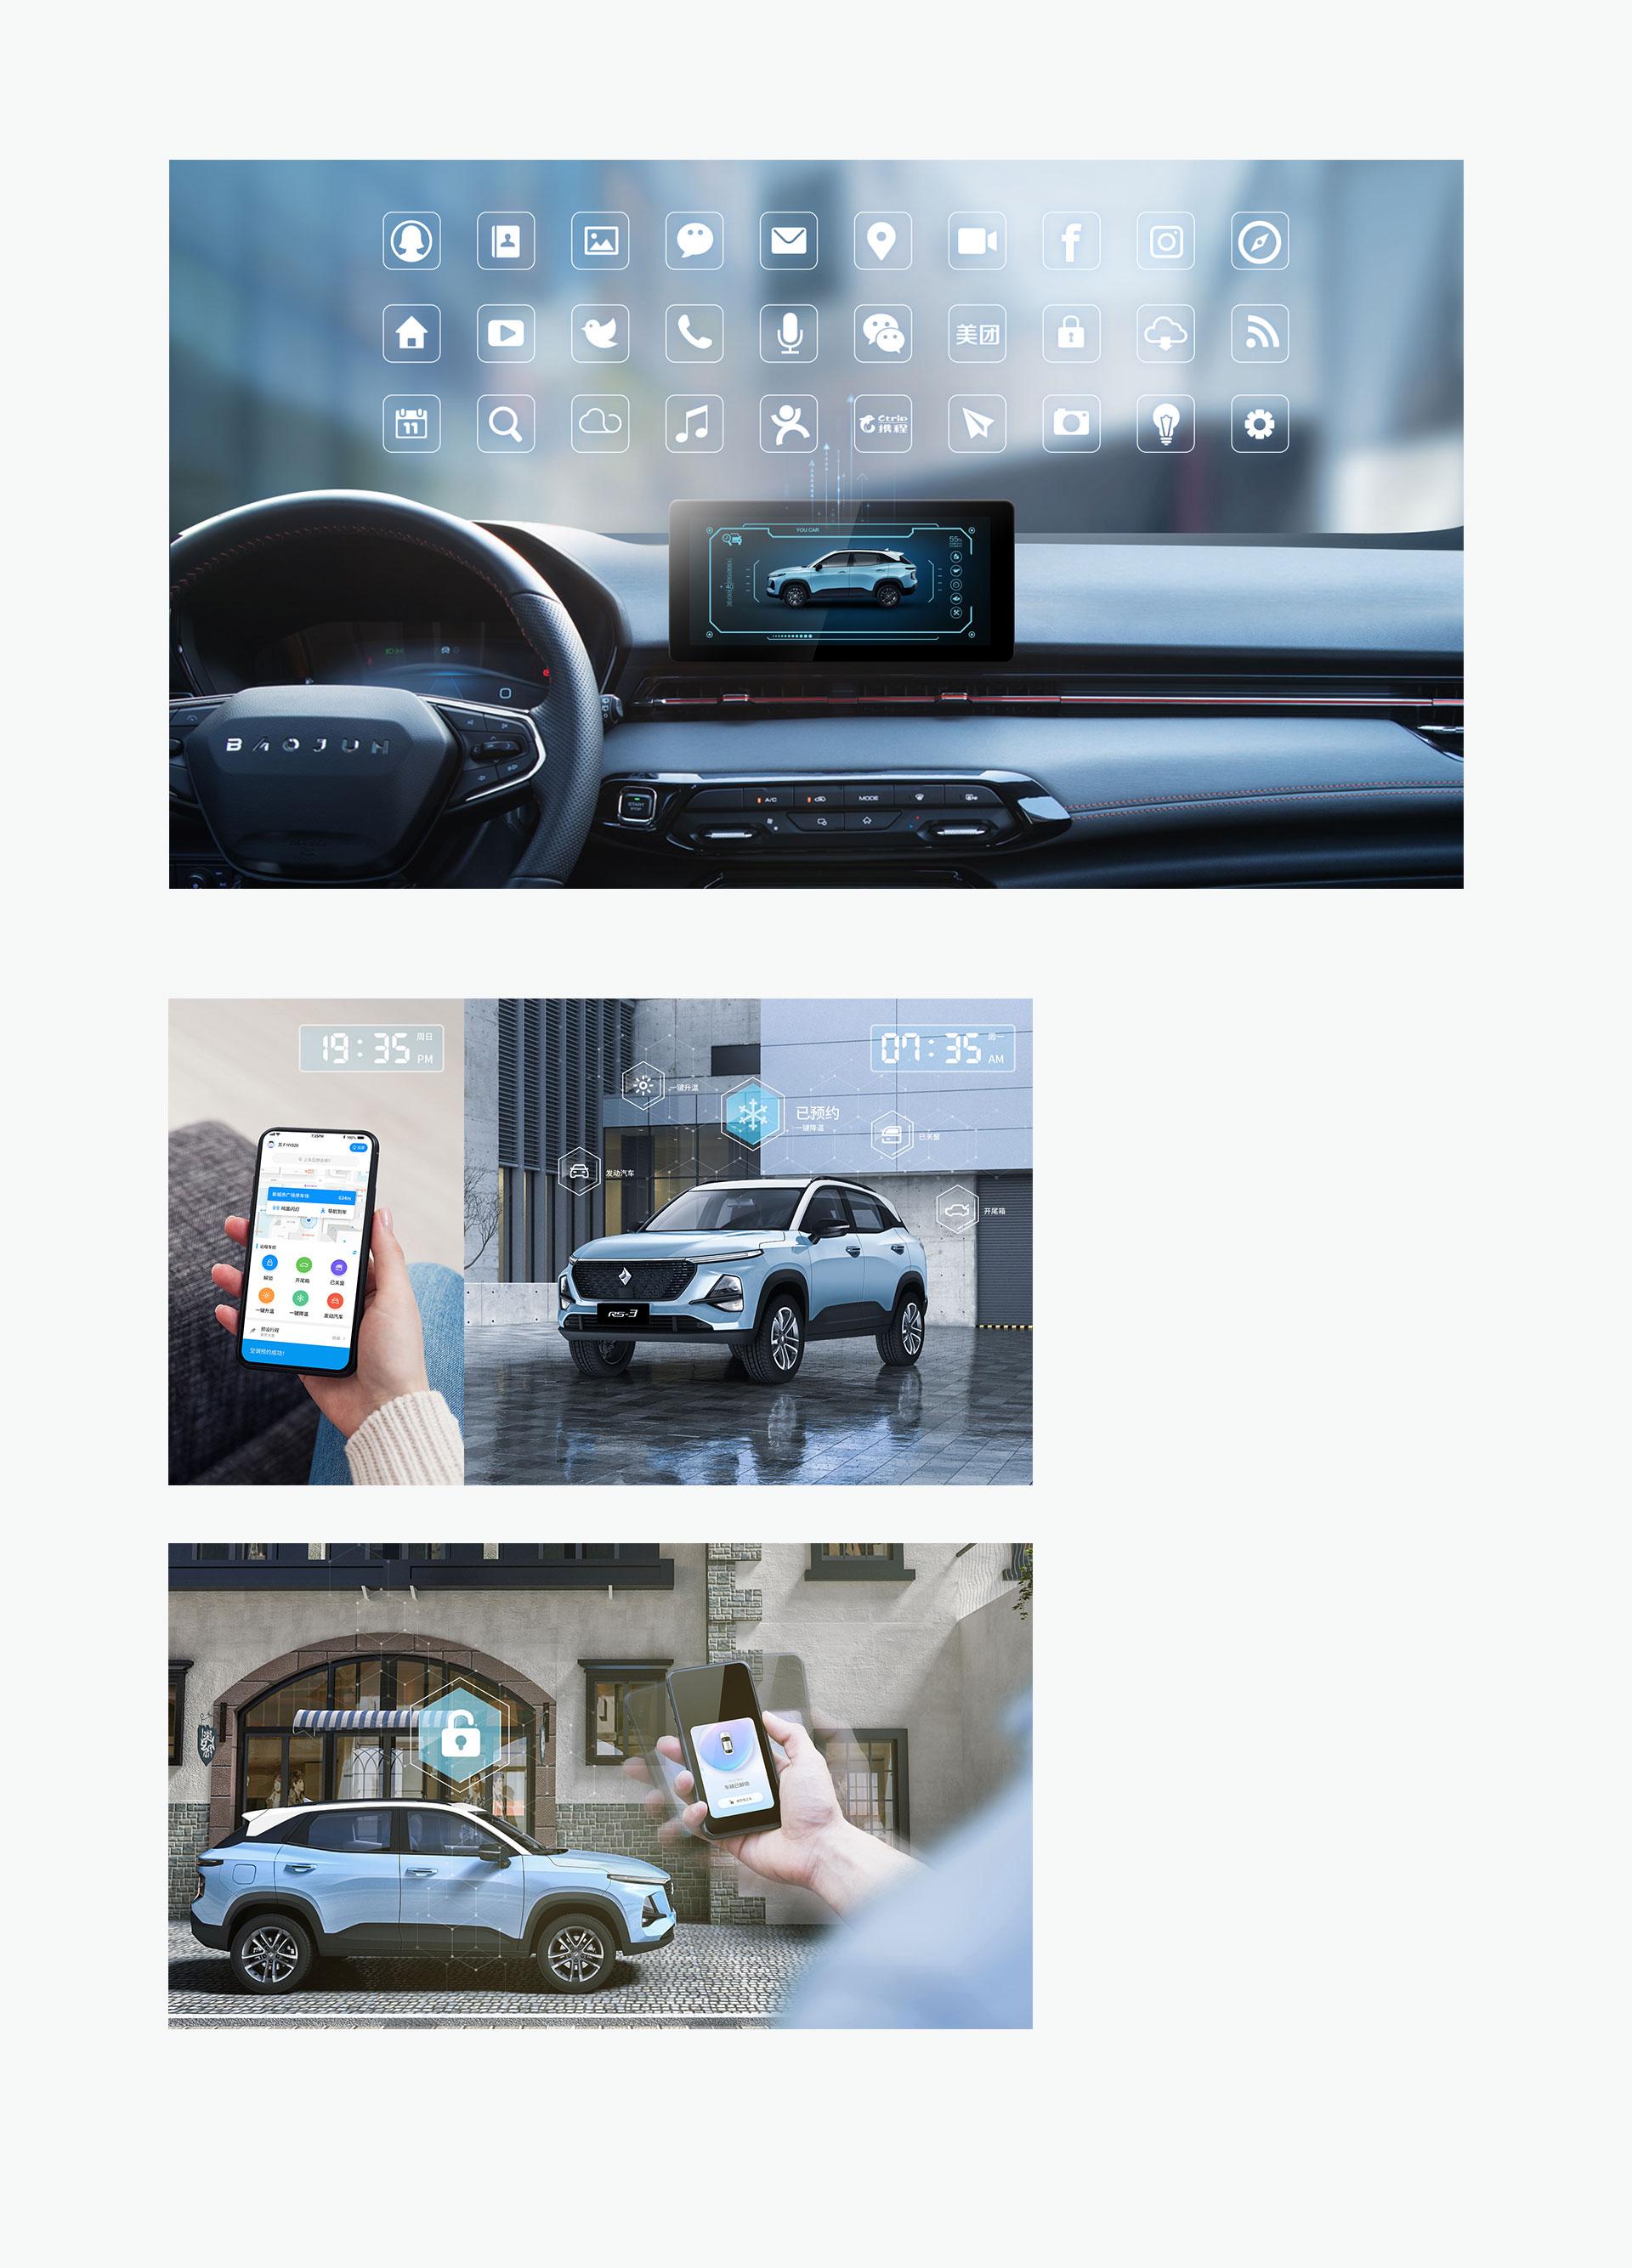 新寶駿RS-3,寶駿RS-3,寶駿RS3,智(zhi)能SUV,參wen)pei)置(zhi),語音控制,遠(yuan)程控制,手機車輛解鎖